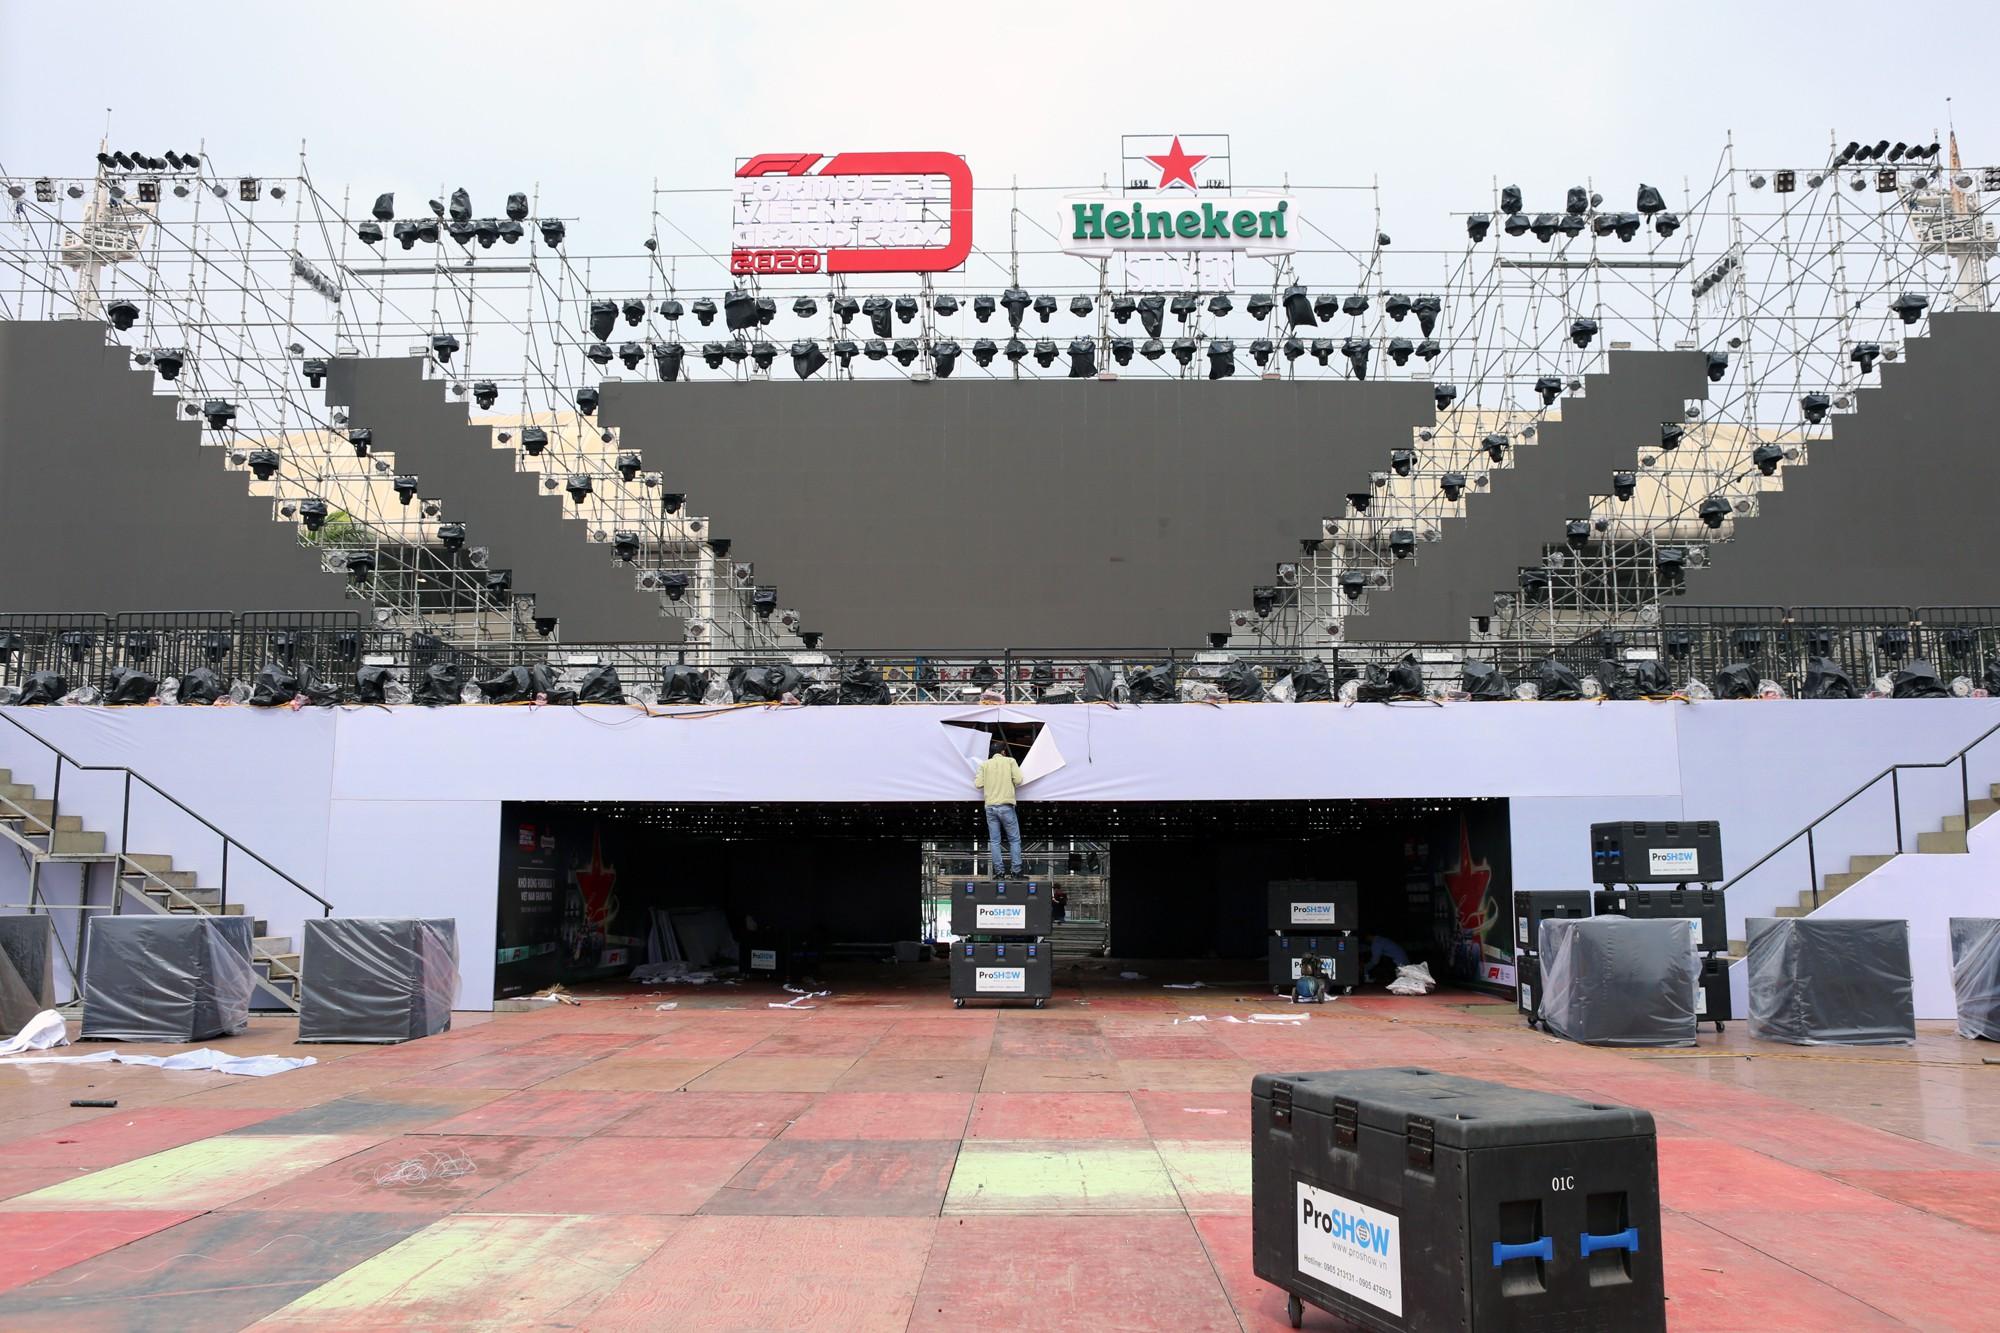 Cận cảnh nơi xe đua F1 sắp trình diễn ở sân vận động Mỹ Đình - Ảnh 3.